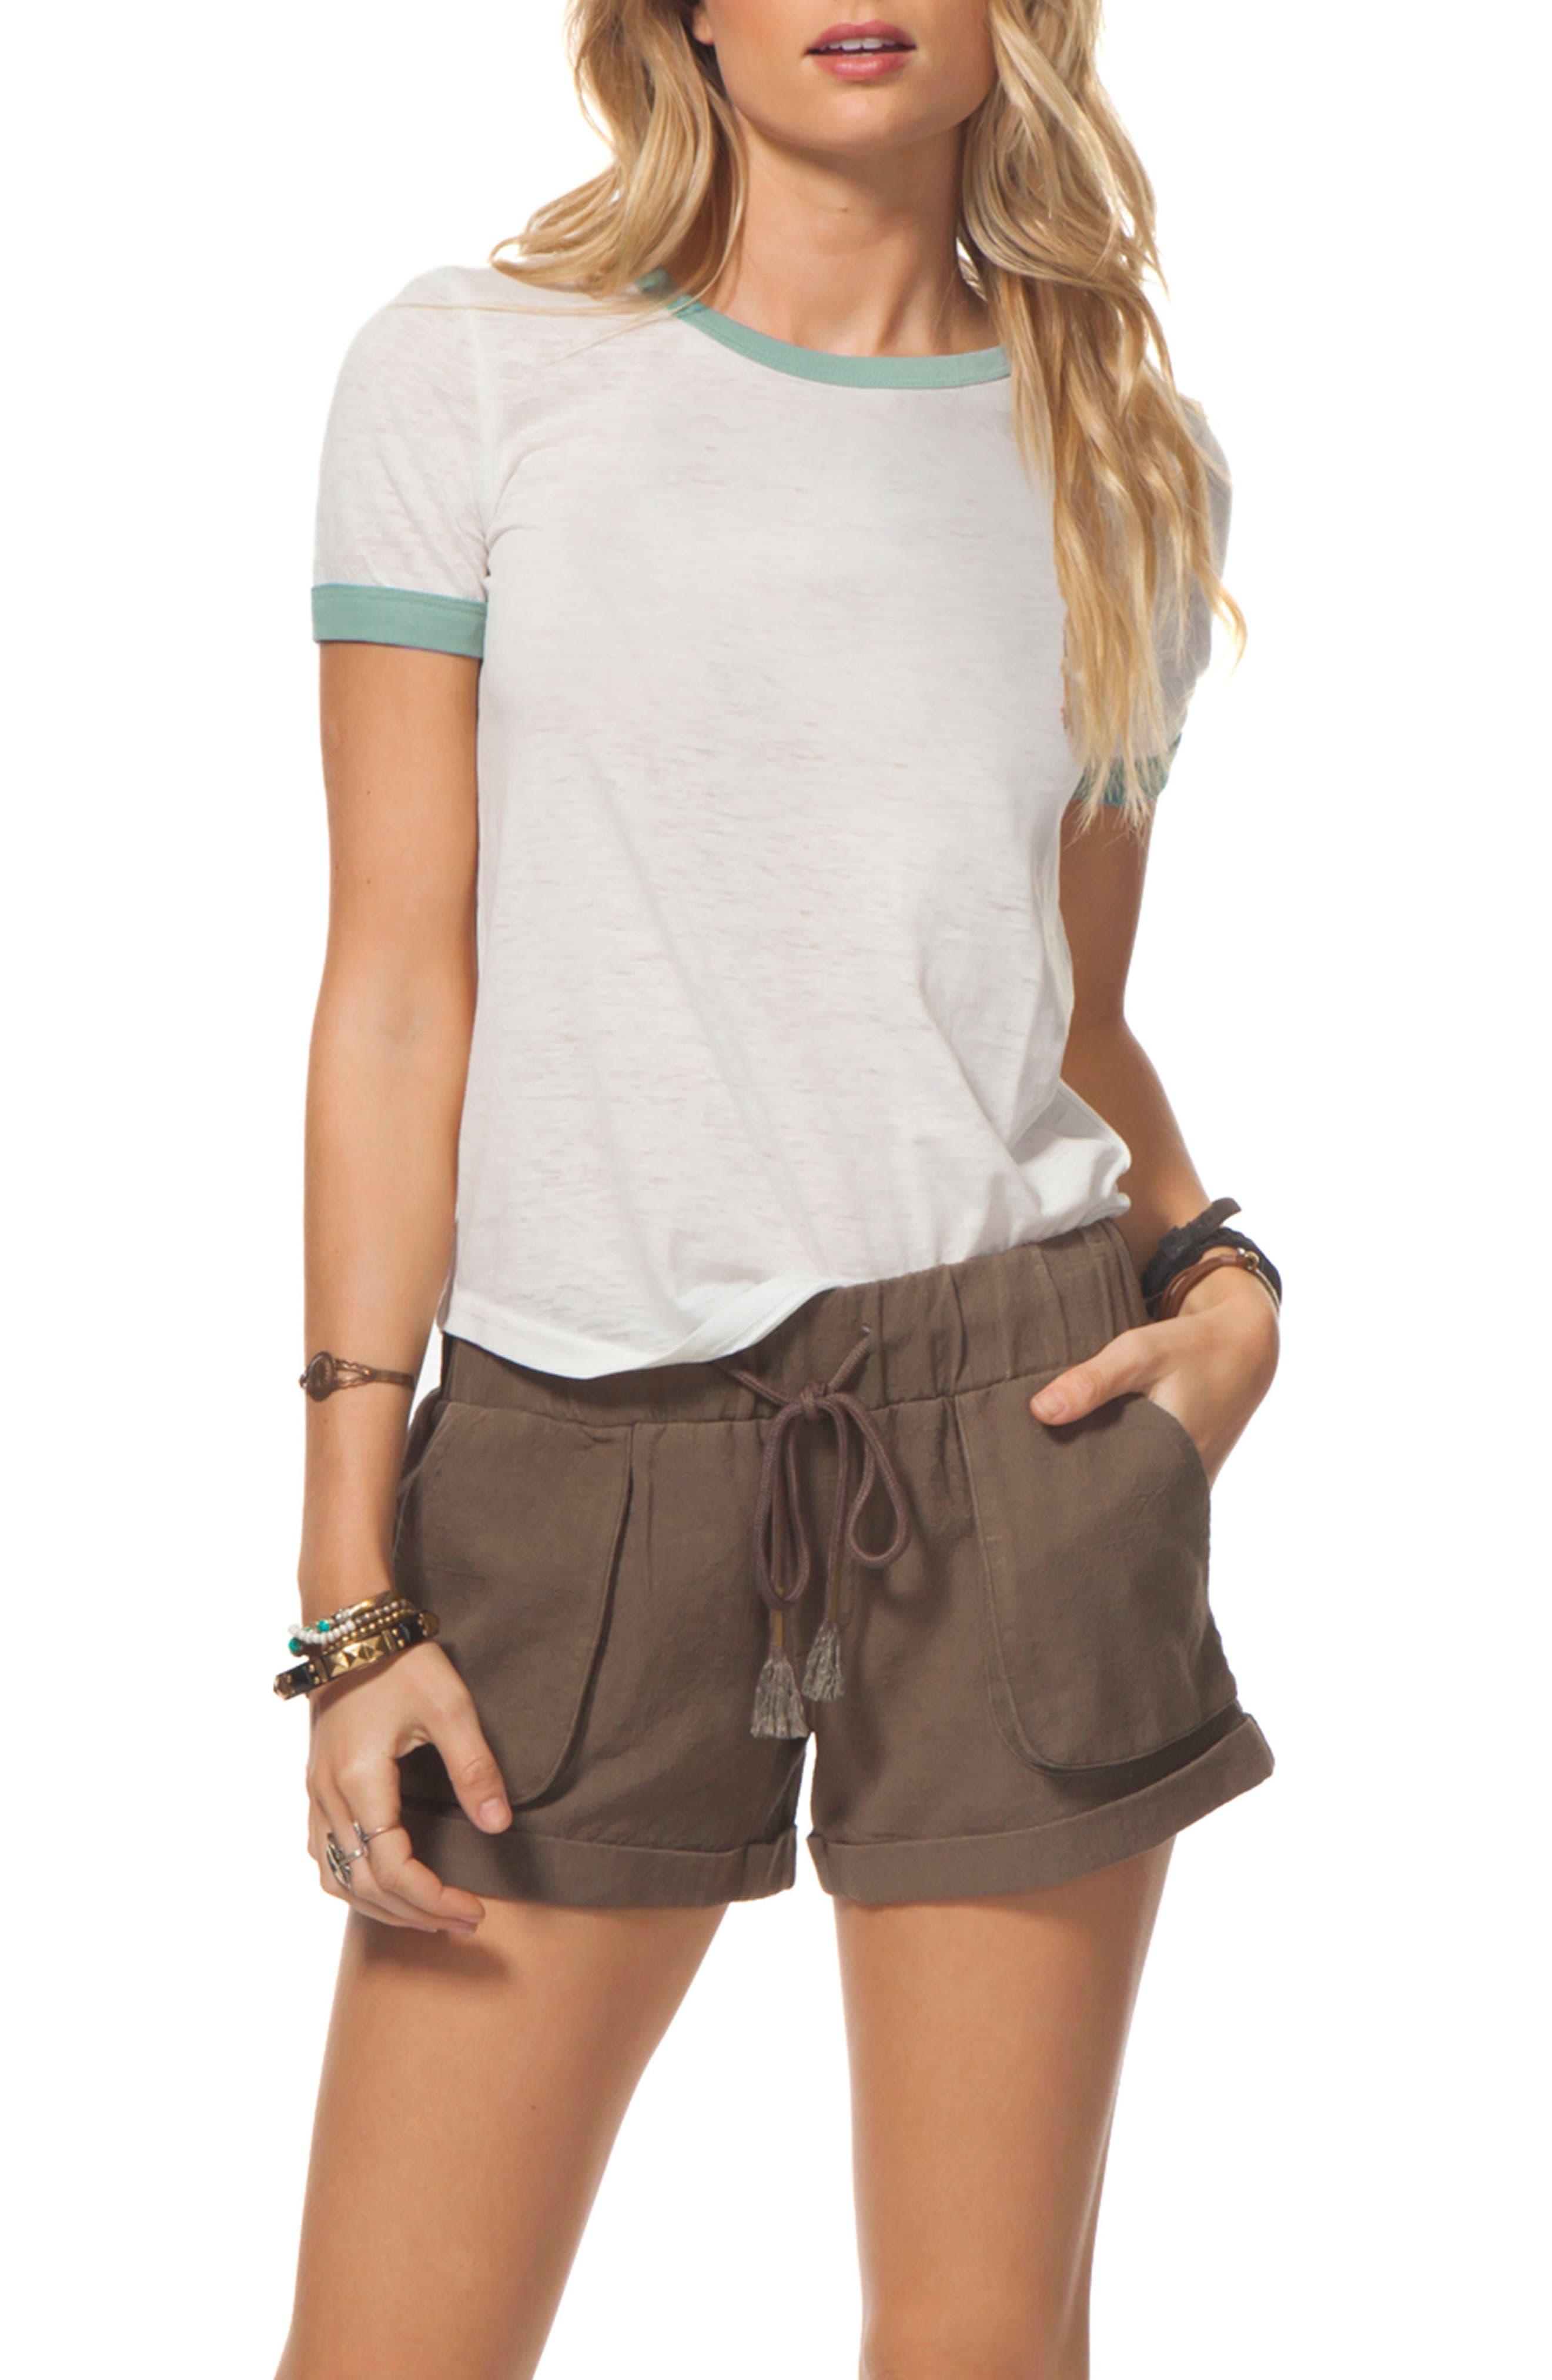 Tumbleweed Cotton Shorts,                             Main thumbnail 1, color,                             Army